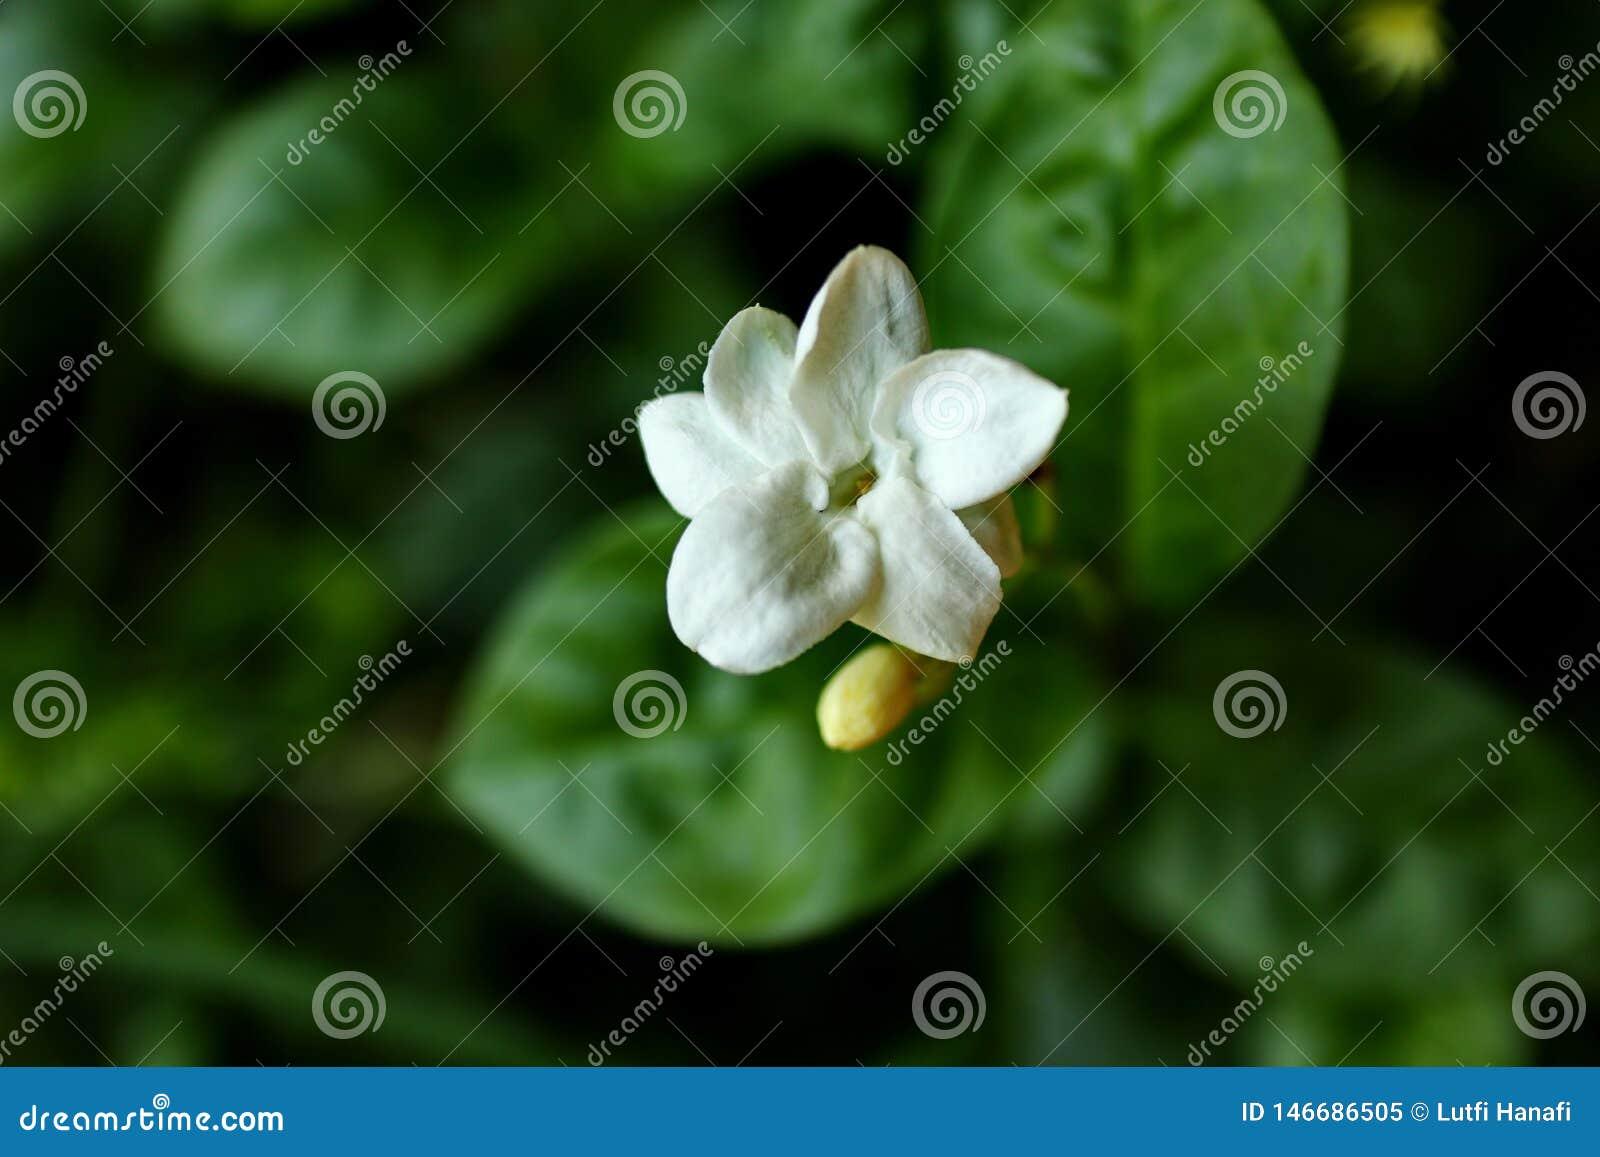 Flores del jazmín en fotos con un fondo oscuro